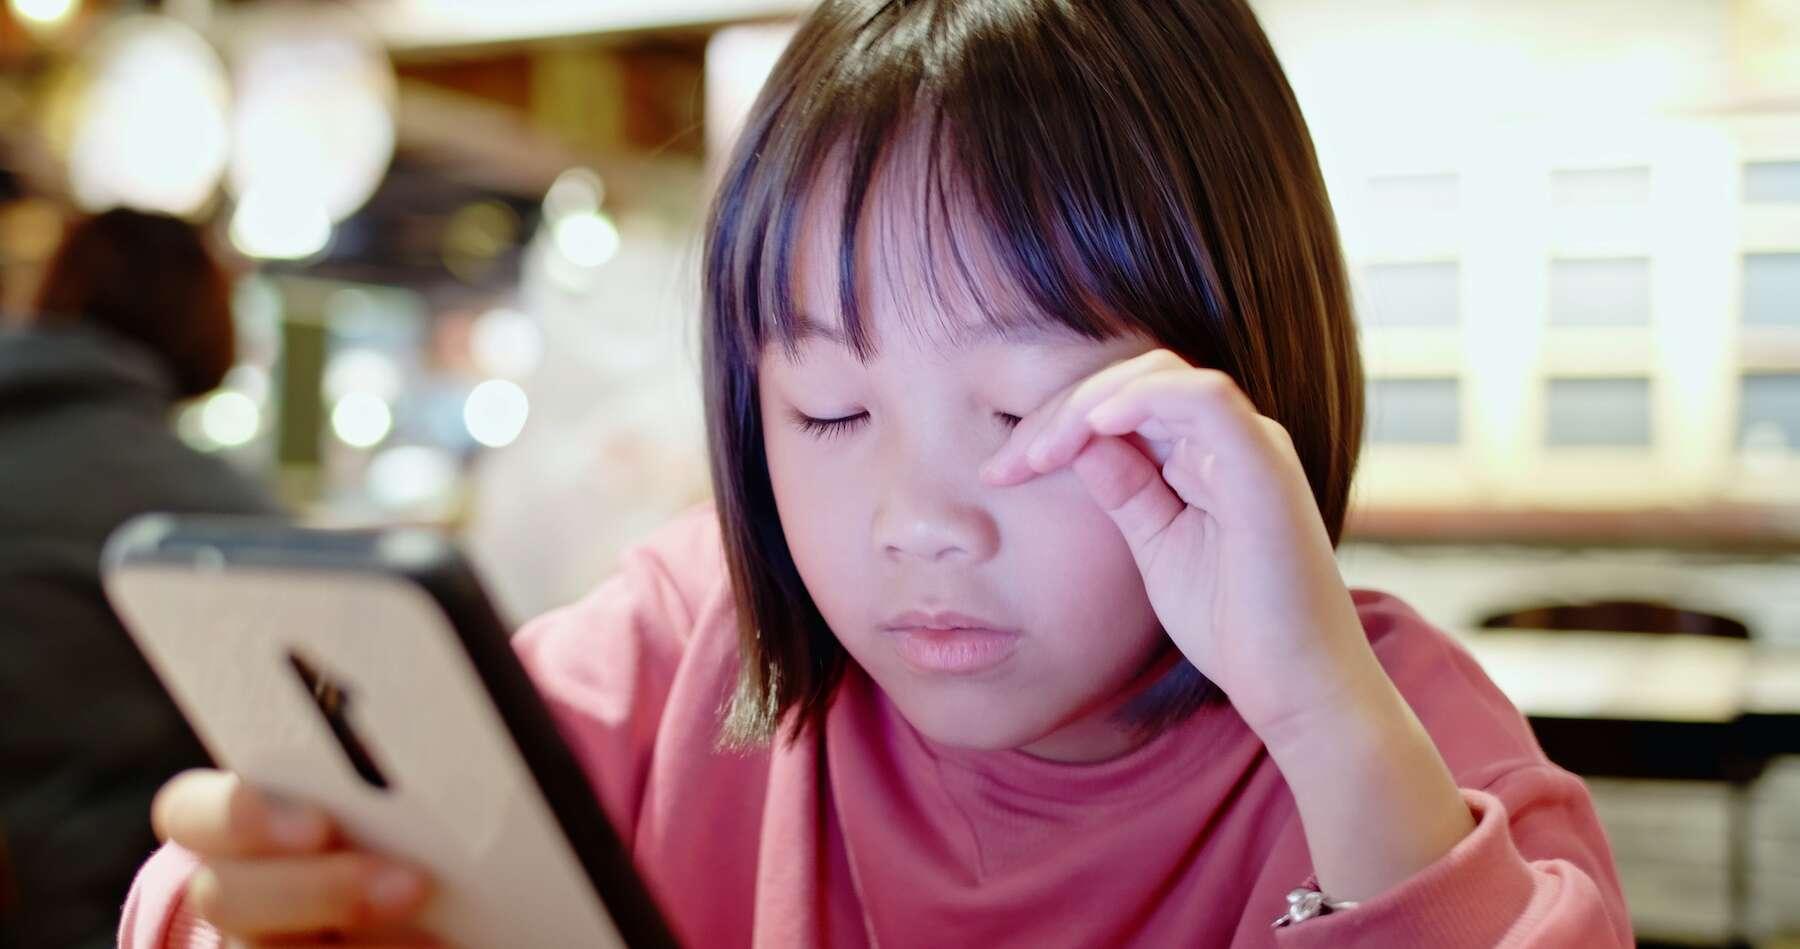 En raison d'un surcroît d'activités sur écran et du manque de lumière extérieure, le confinement aurait fait baisser la vue des enfants de 0,3 dioptrie en moyenne. © ryanking999, Adobe Stock